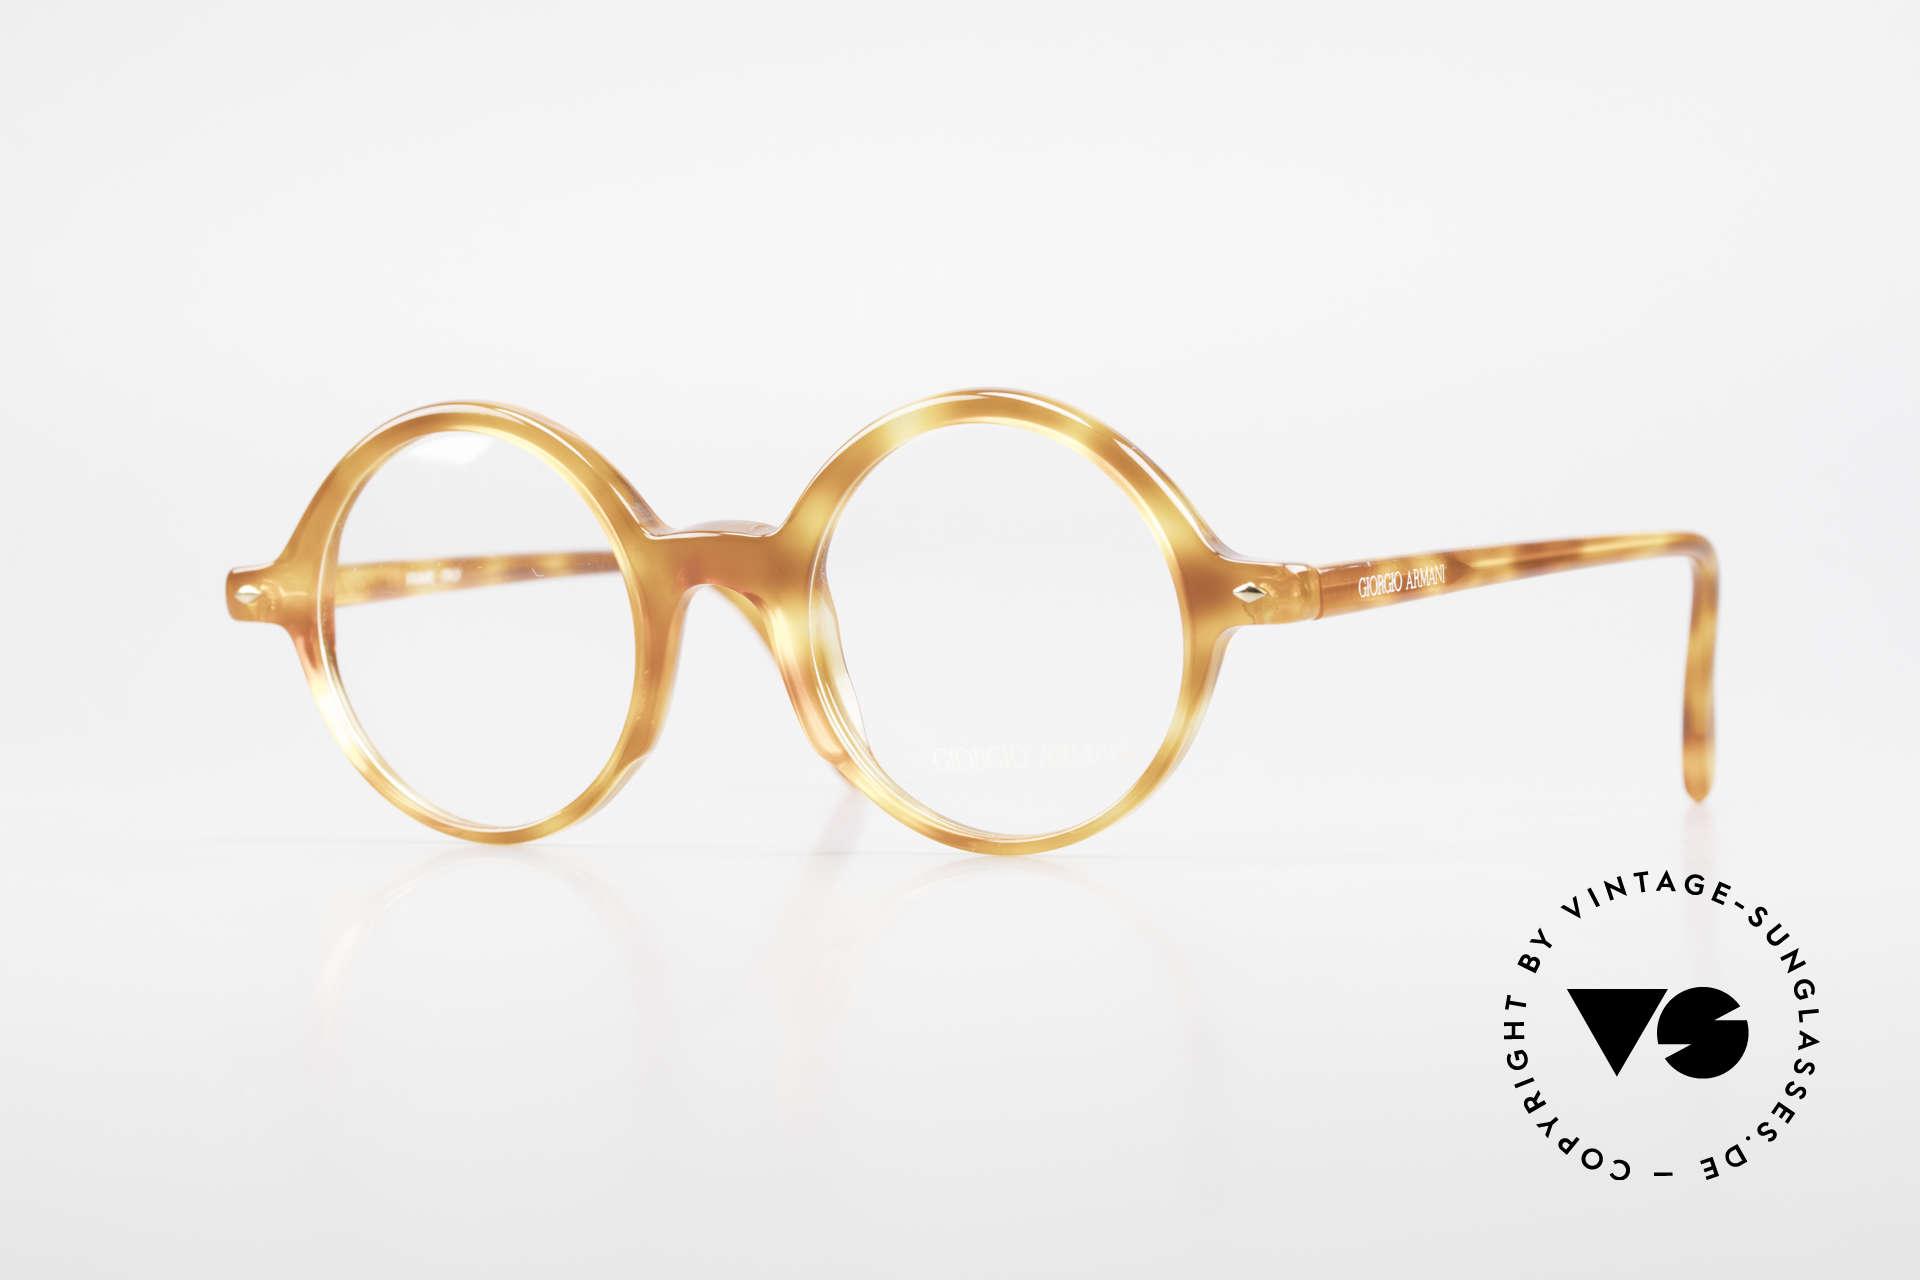 Giorgio Armani 319 Old 1980's Eyeglasses Round, timeless vintage Giorgio Armani designer eyeglasses, Made for Men and Women